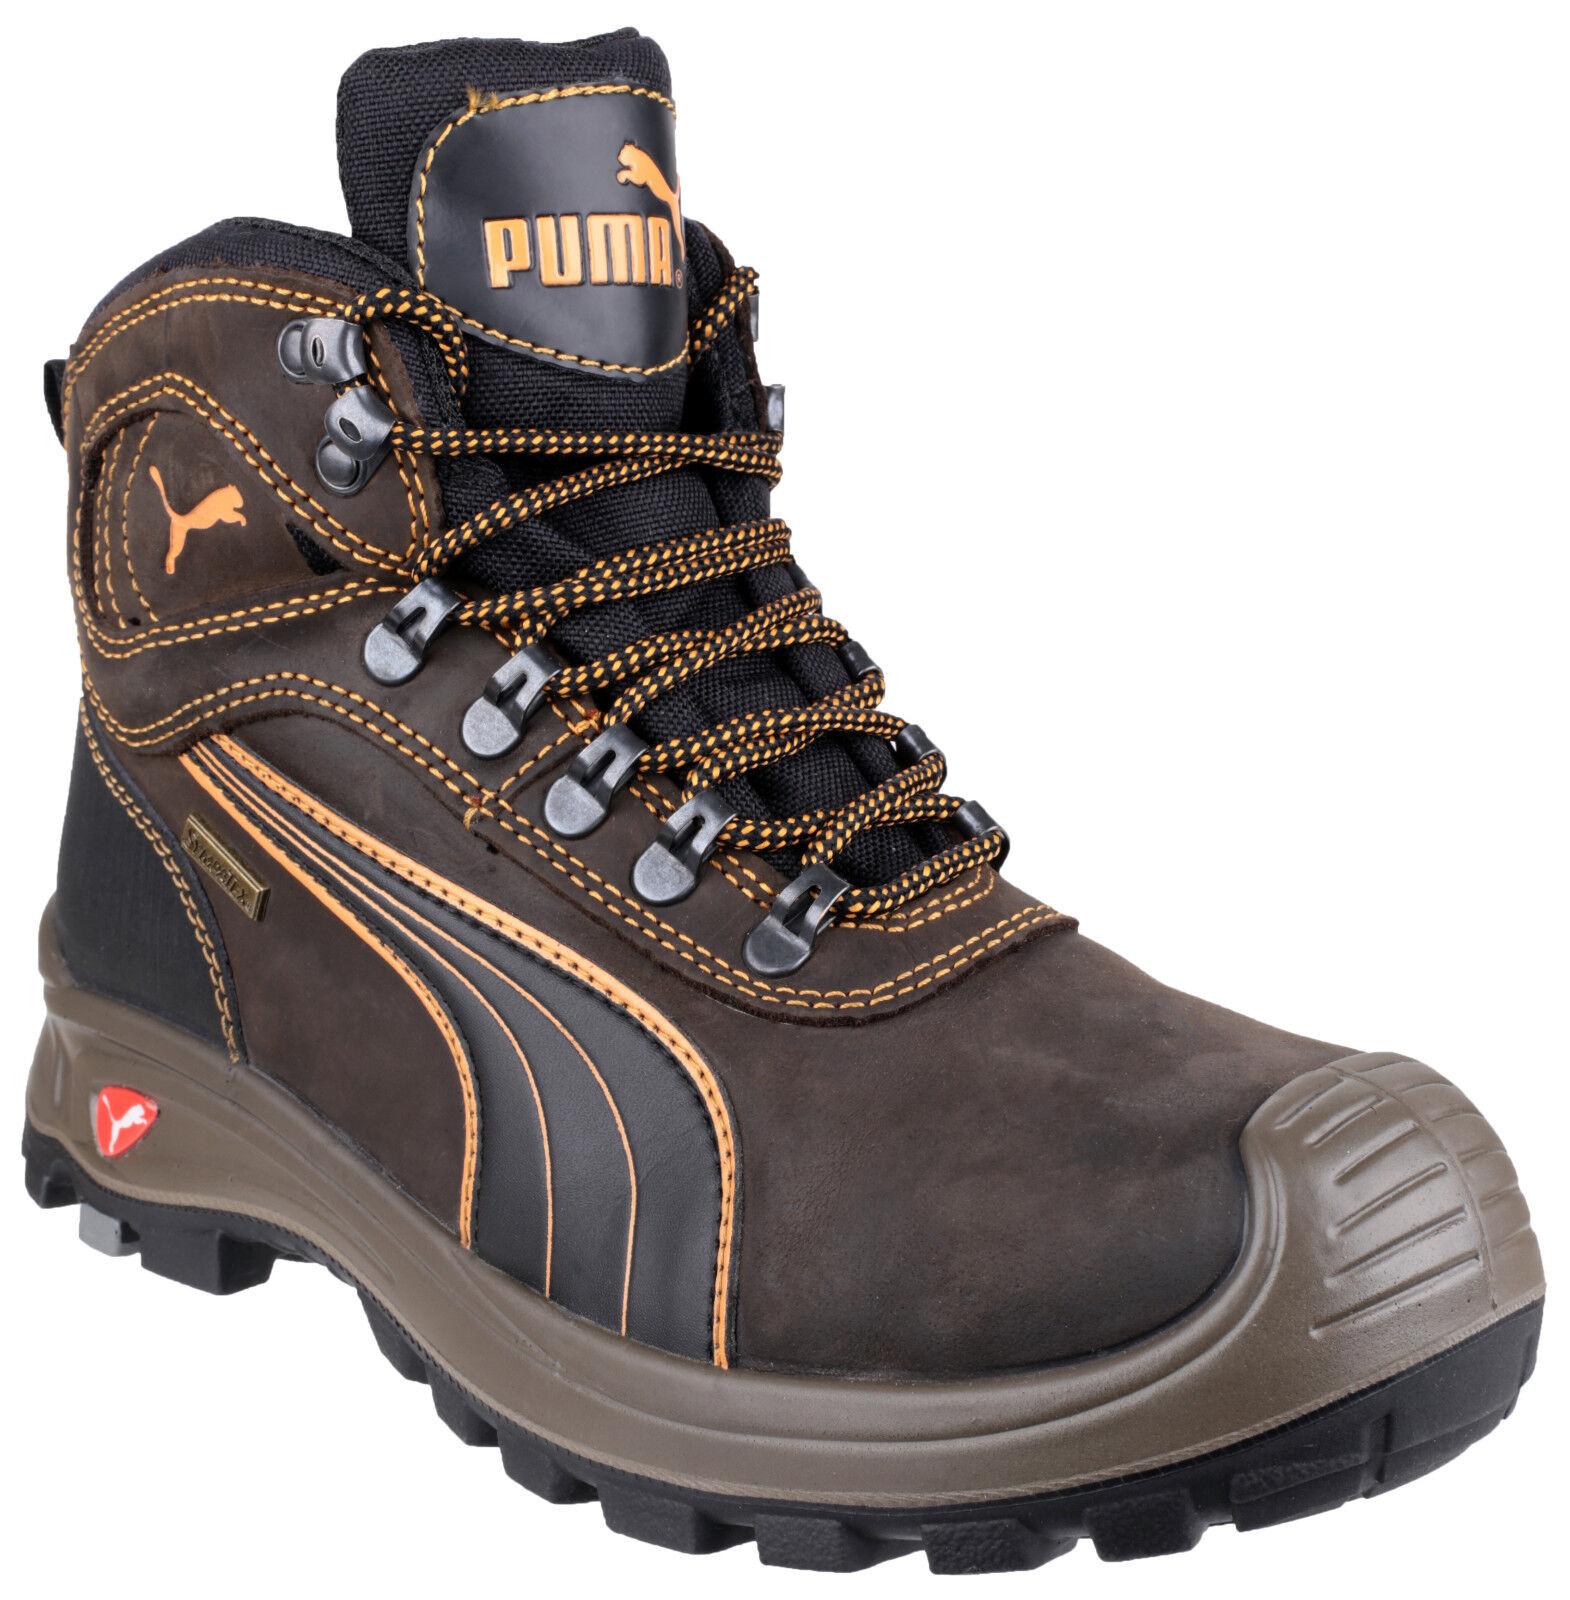 Puma Scarpe Sierra Nevada Mid sicurezza composto da Uomo Scarpe Puma Stivali Lavoro Industriale uk6-13 b8139b